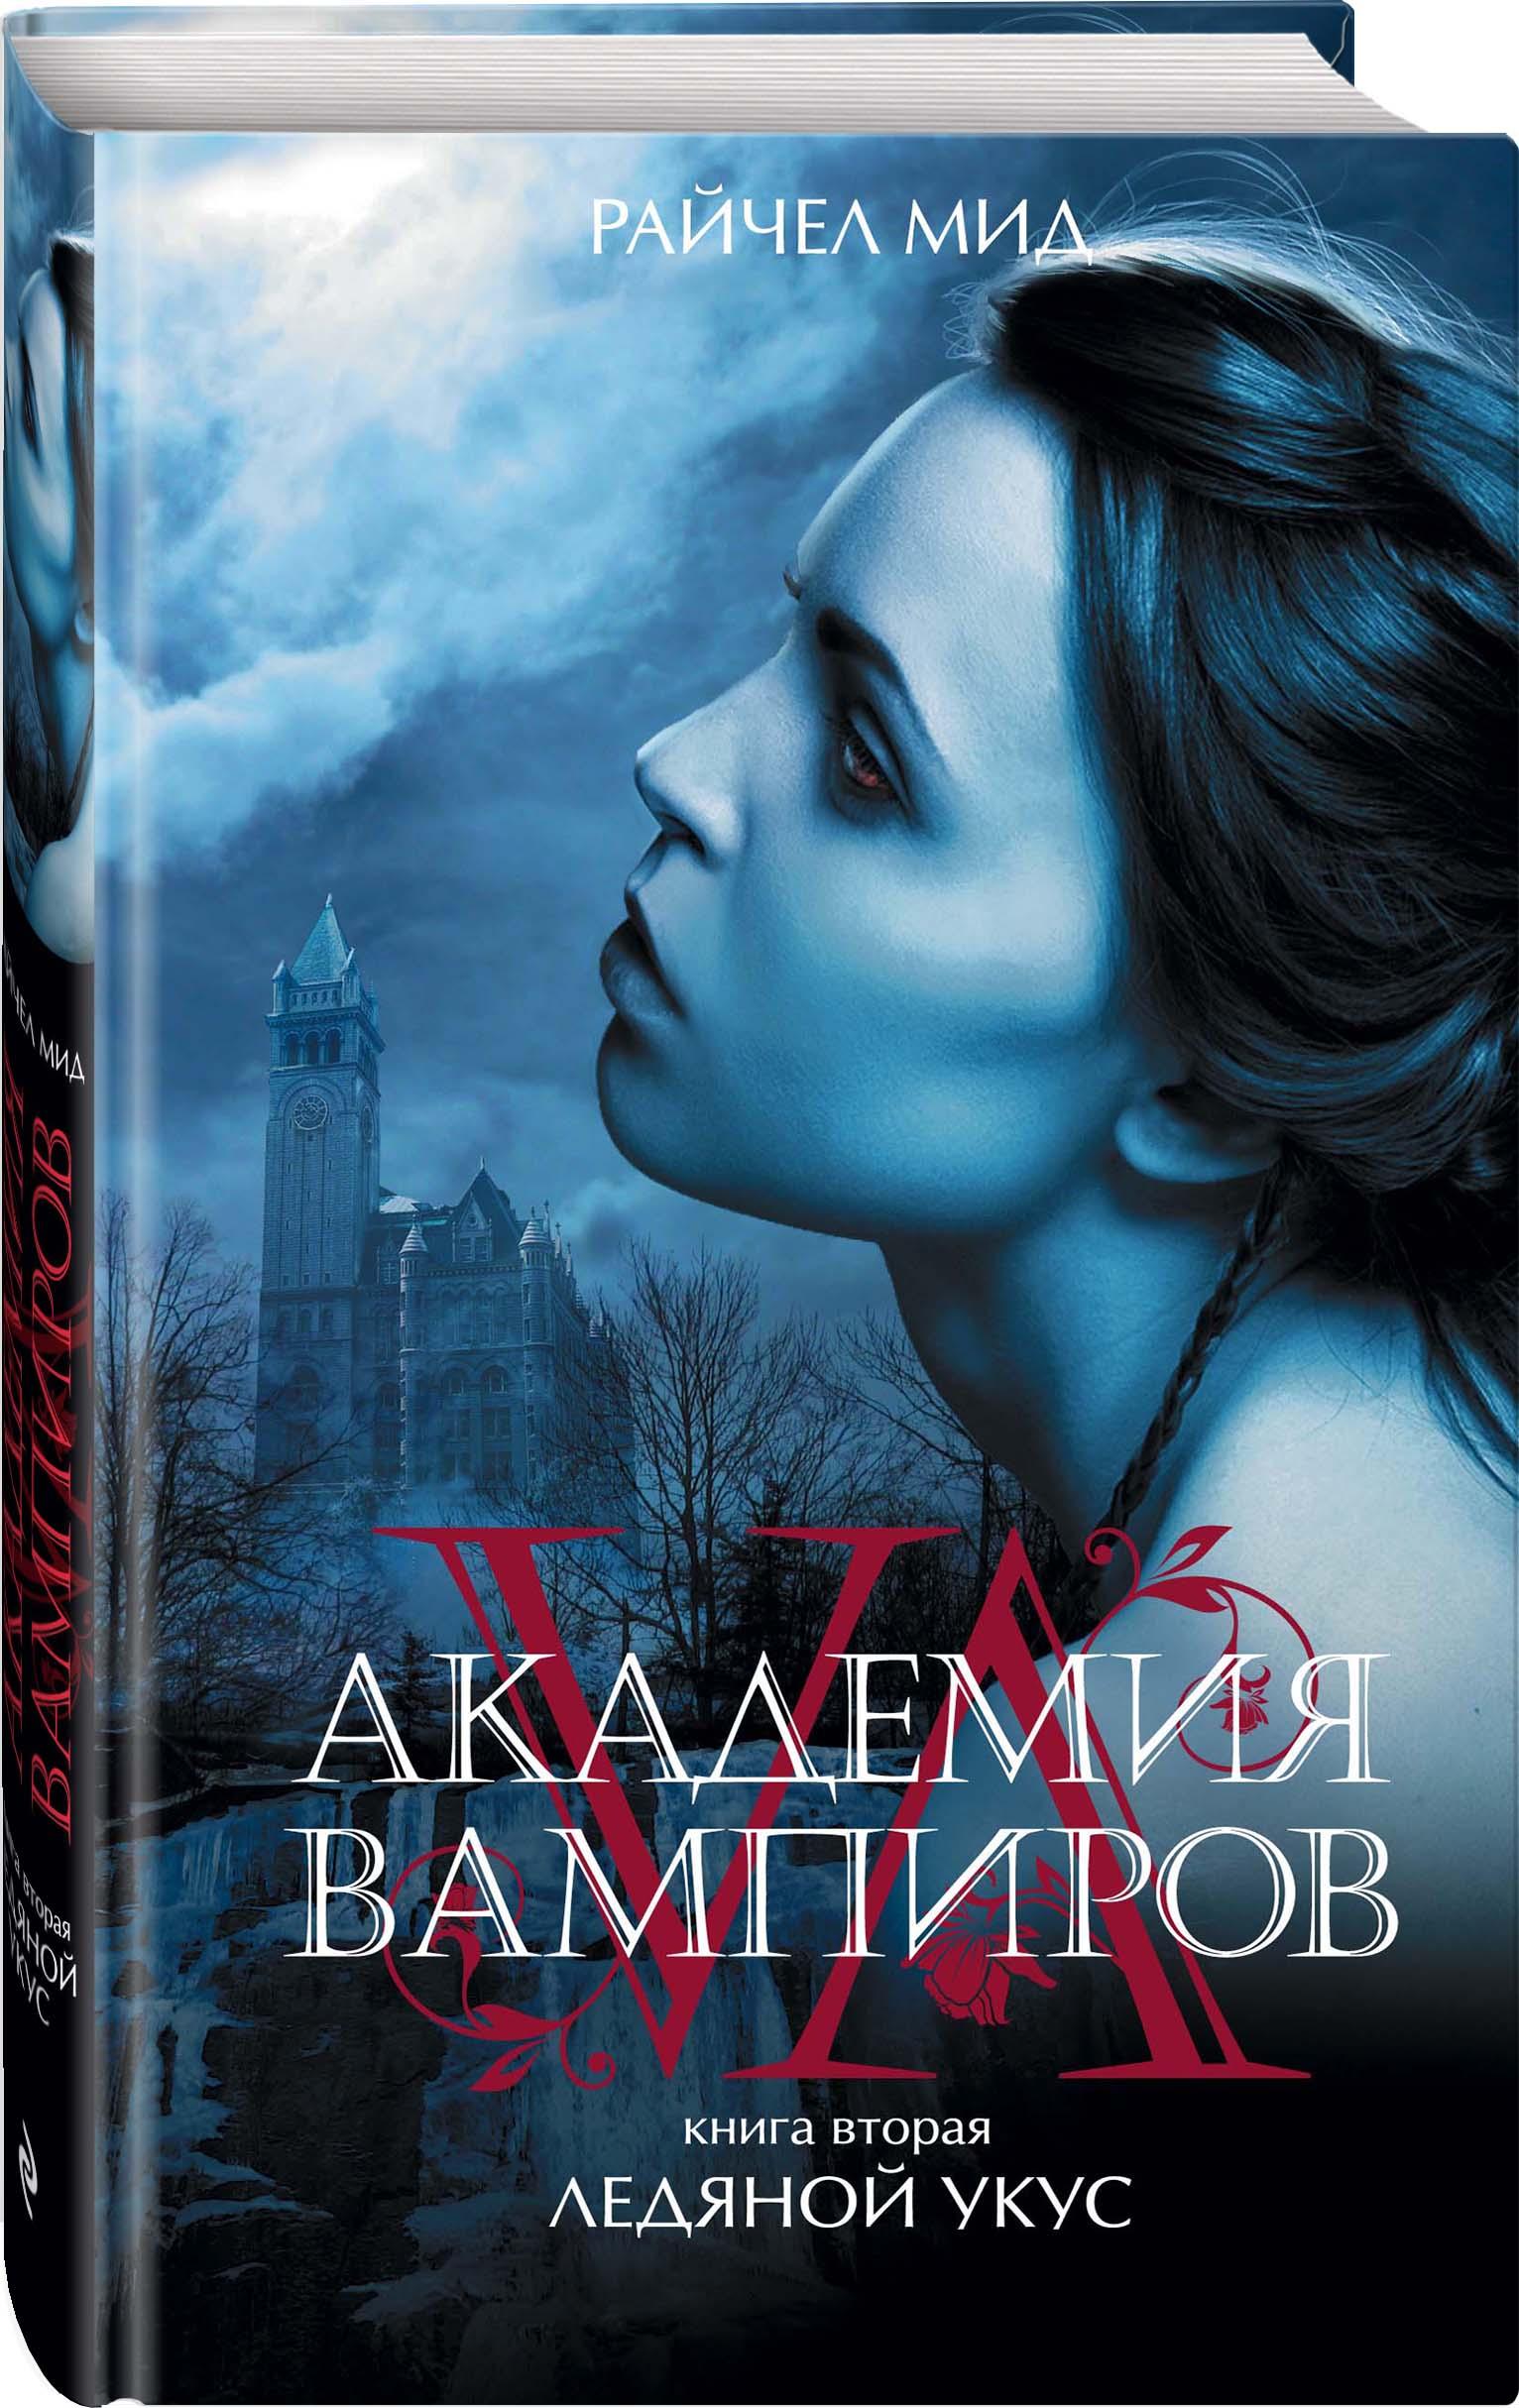 Мид Р. Академия вампиров. Книга 2. Ледяной укус книги эксмо академия проклятий урок седьмой опасность кровного наследия